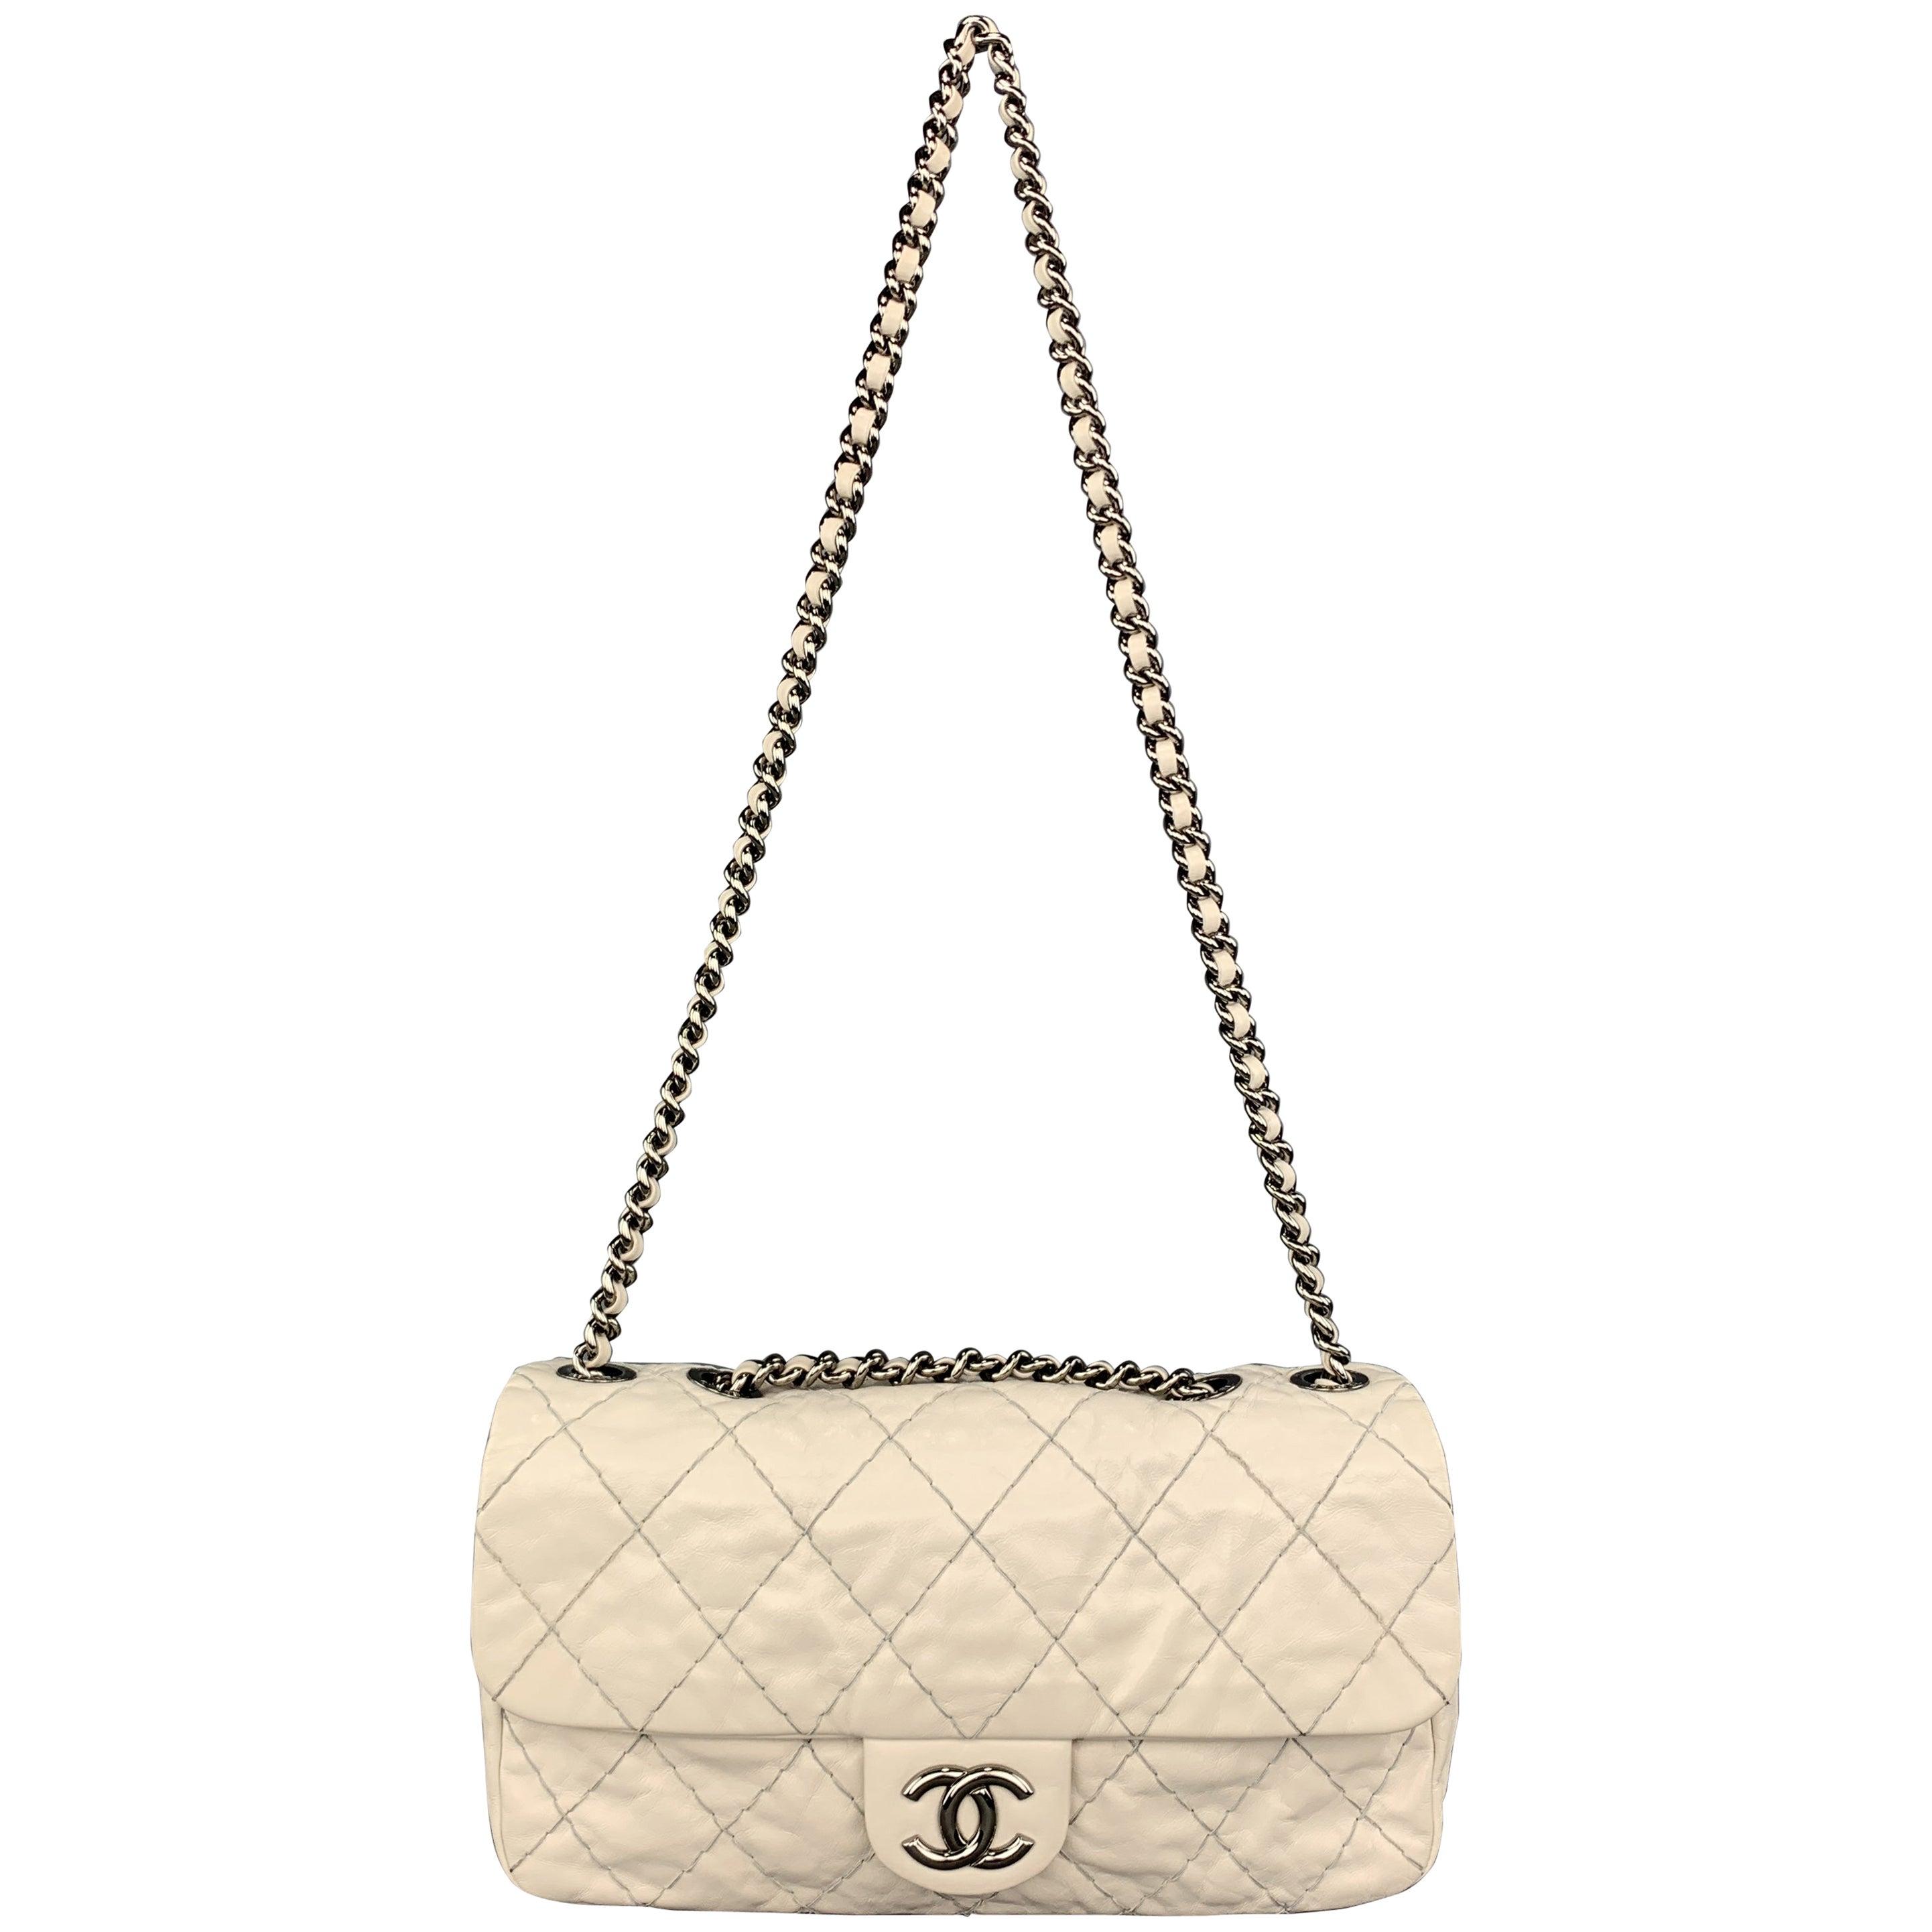 1af1bdf0a0f CHANEL Topstitch Quilted Cream Leather Flap CC Chain Strap Handbag